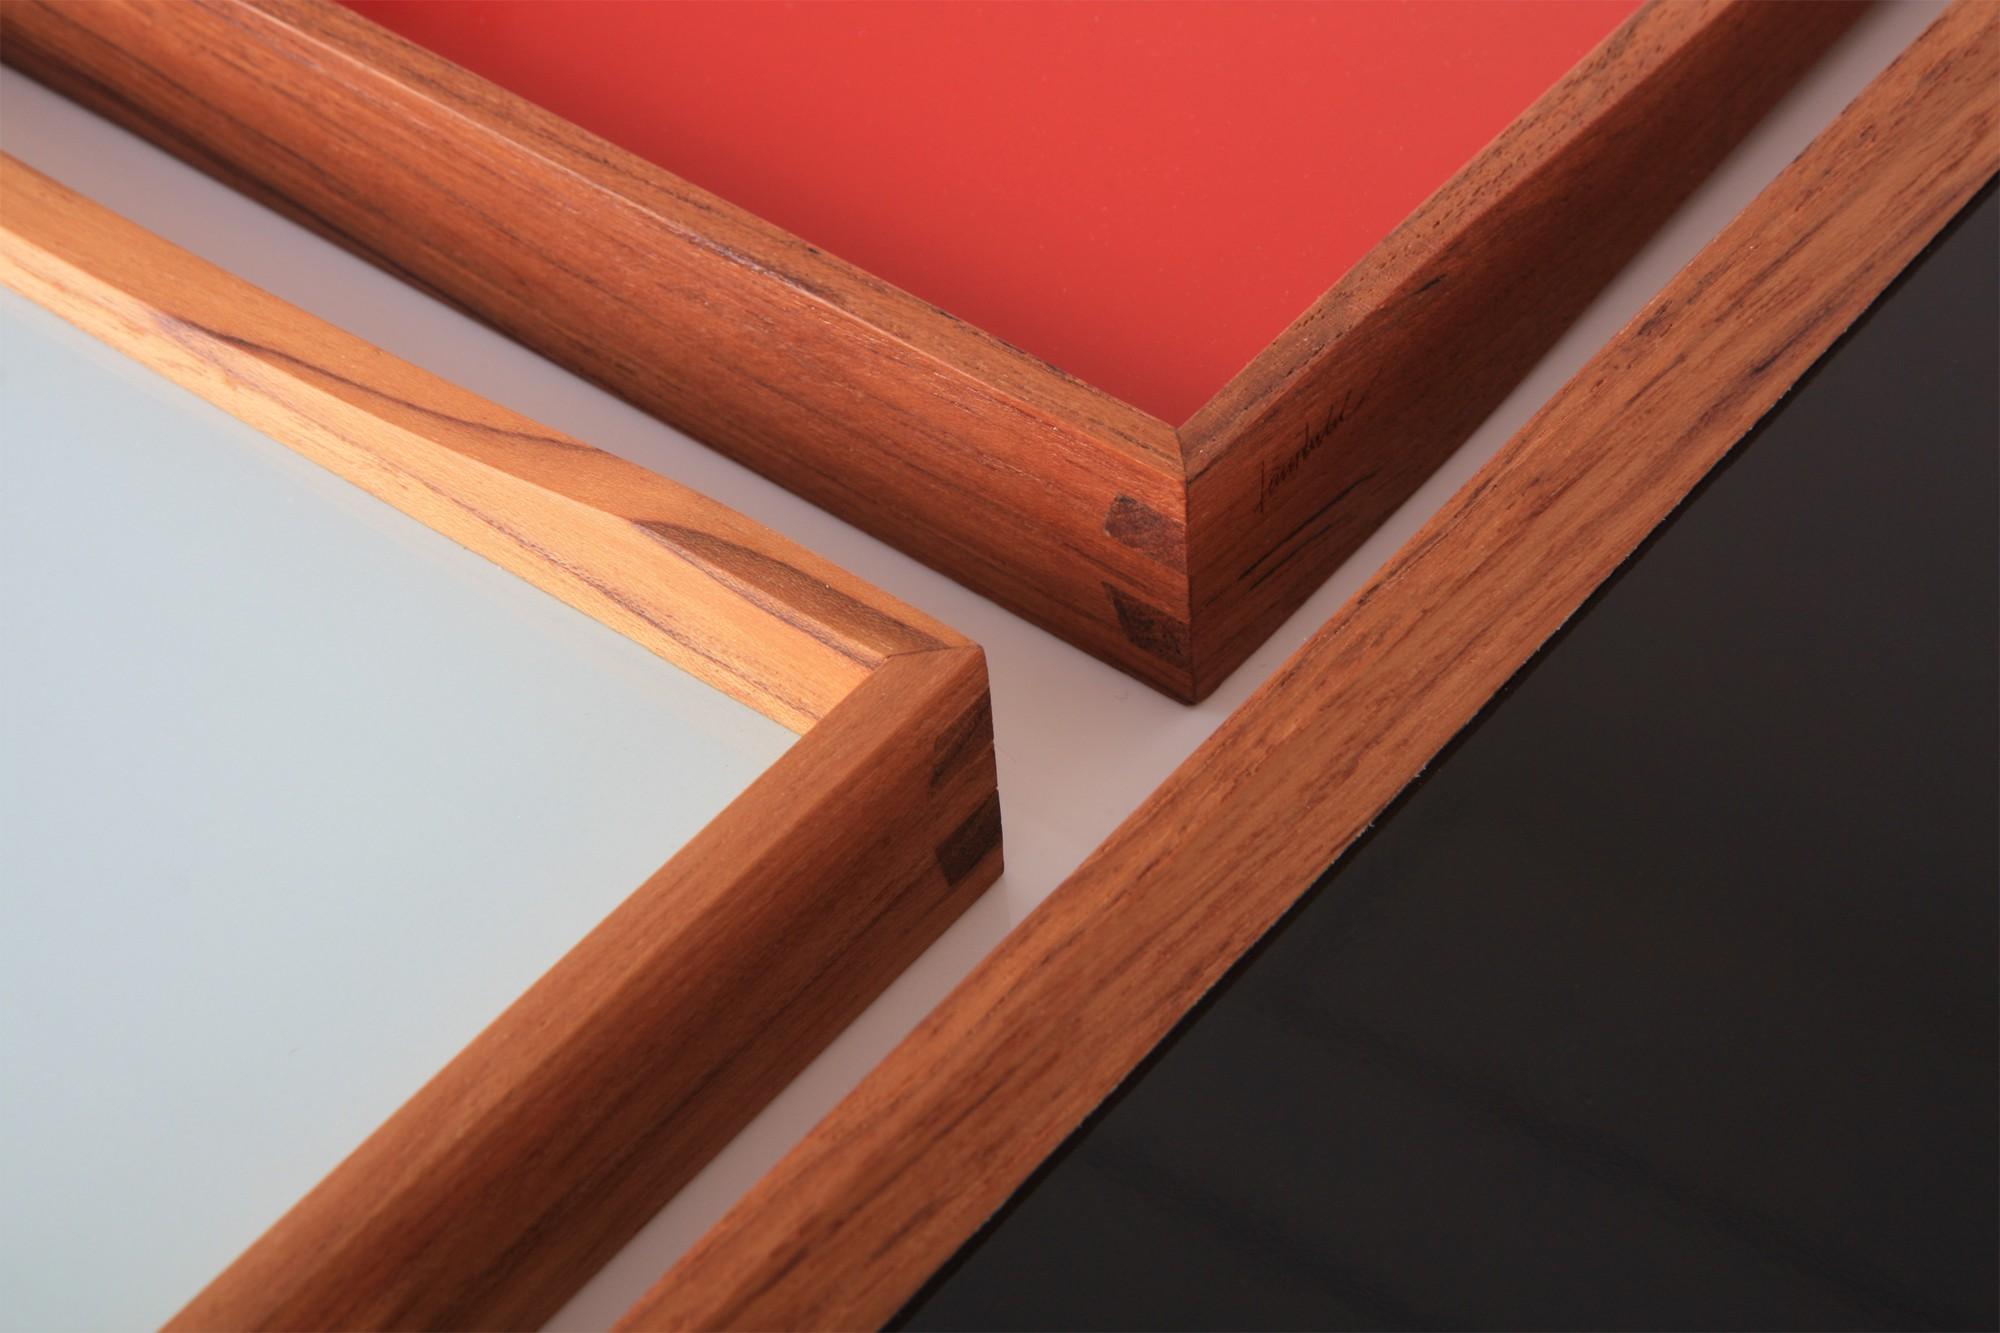 finn-juhl-turning-tray-architectmade.jpg